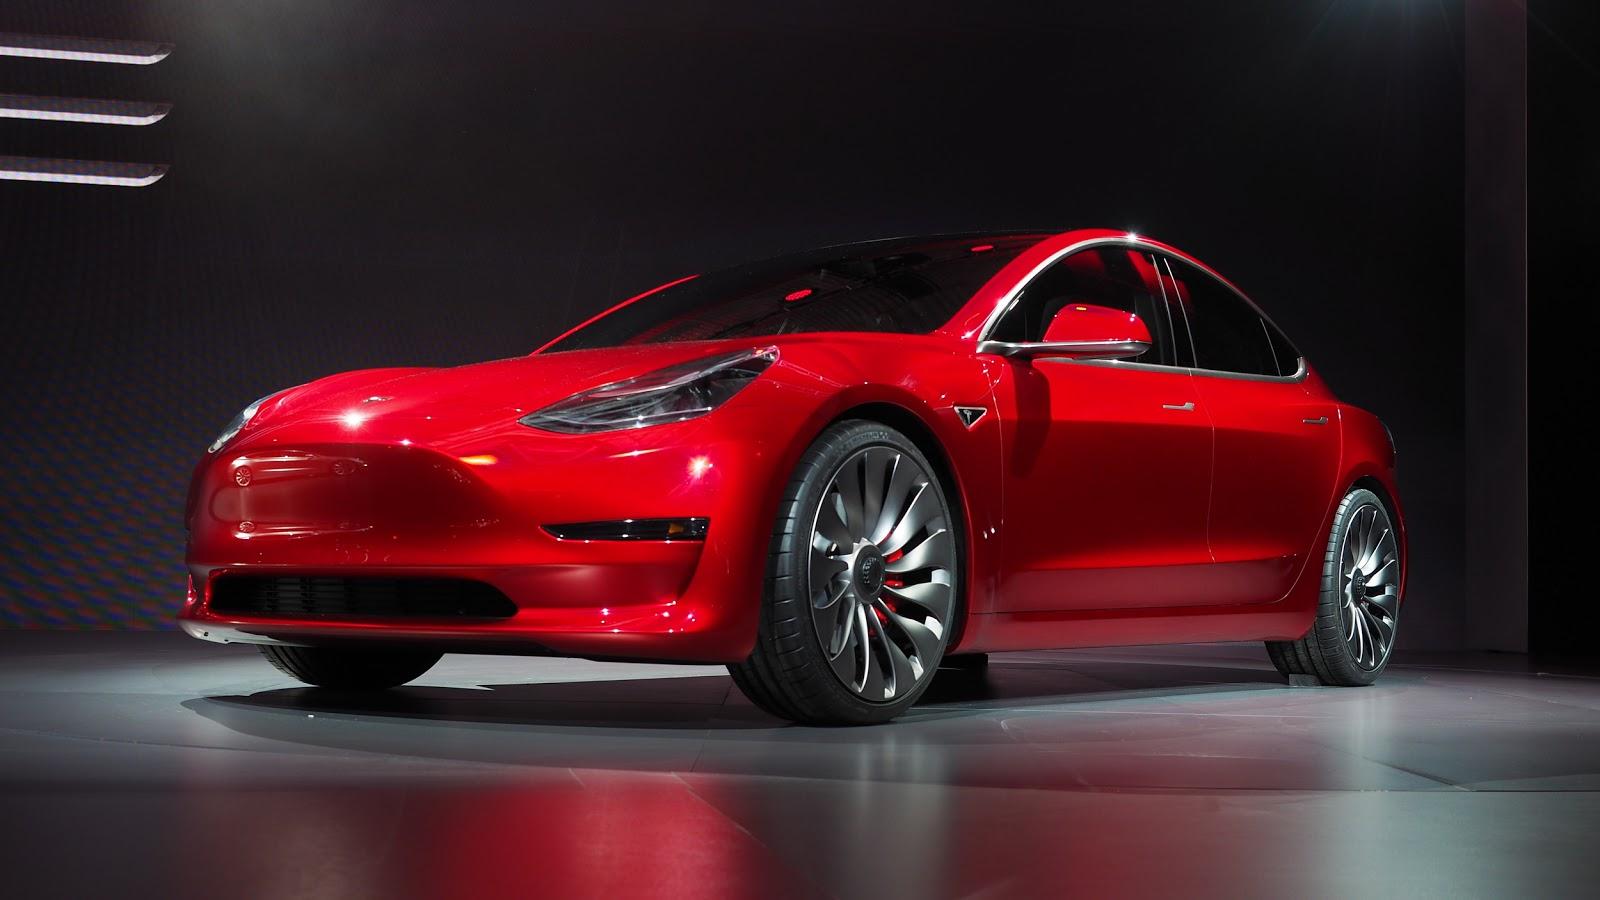 Tesla sẽ mở ra kỷ nguyên mới của ngành công nghiệp xe hơi?